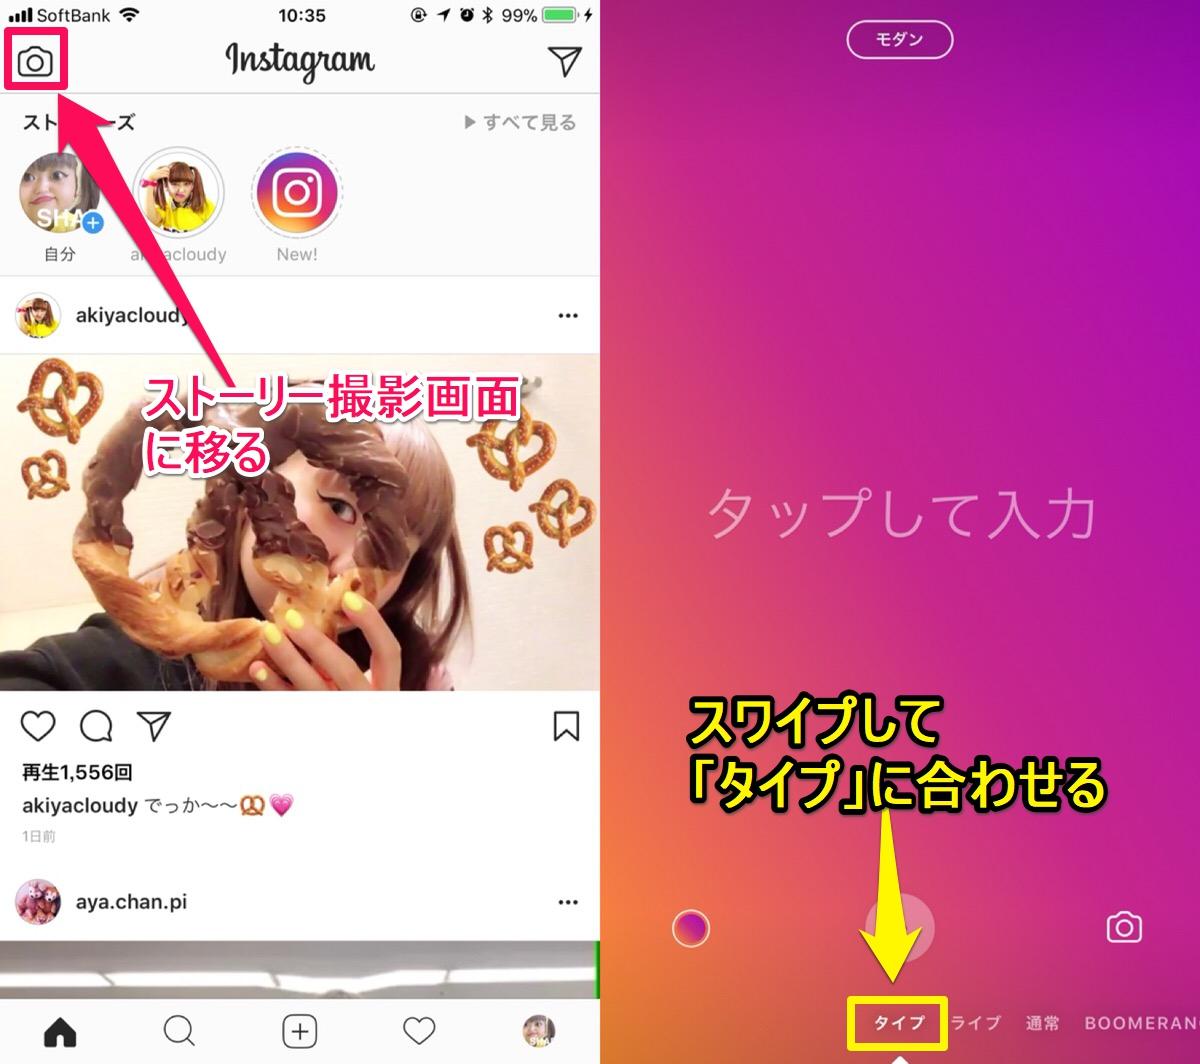 ストーリー やり方 instagram